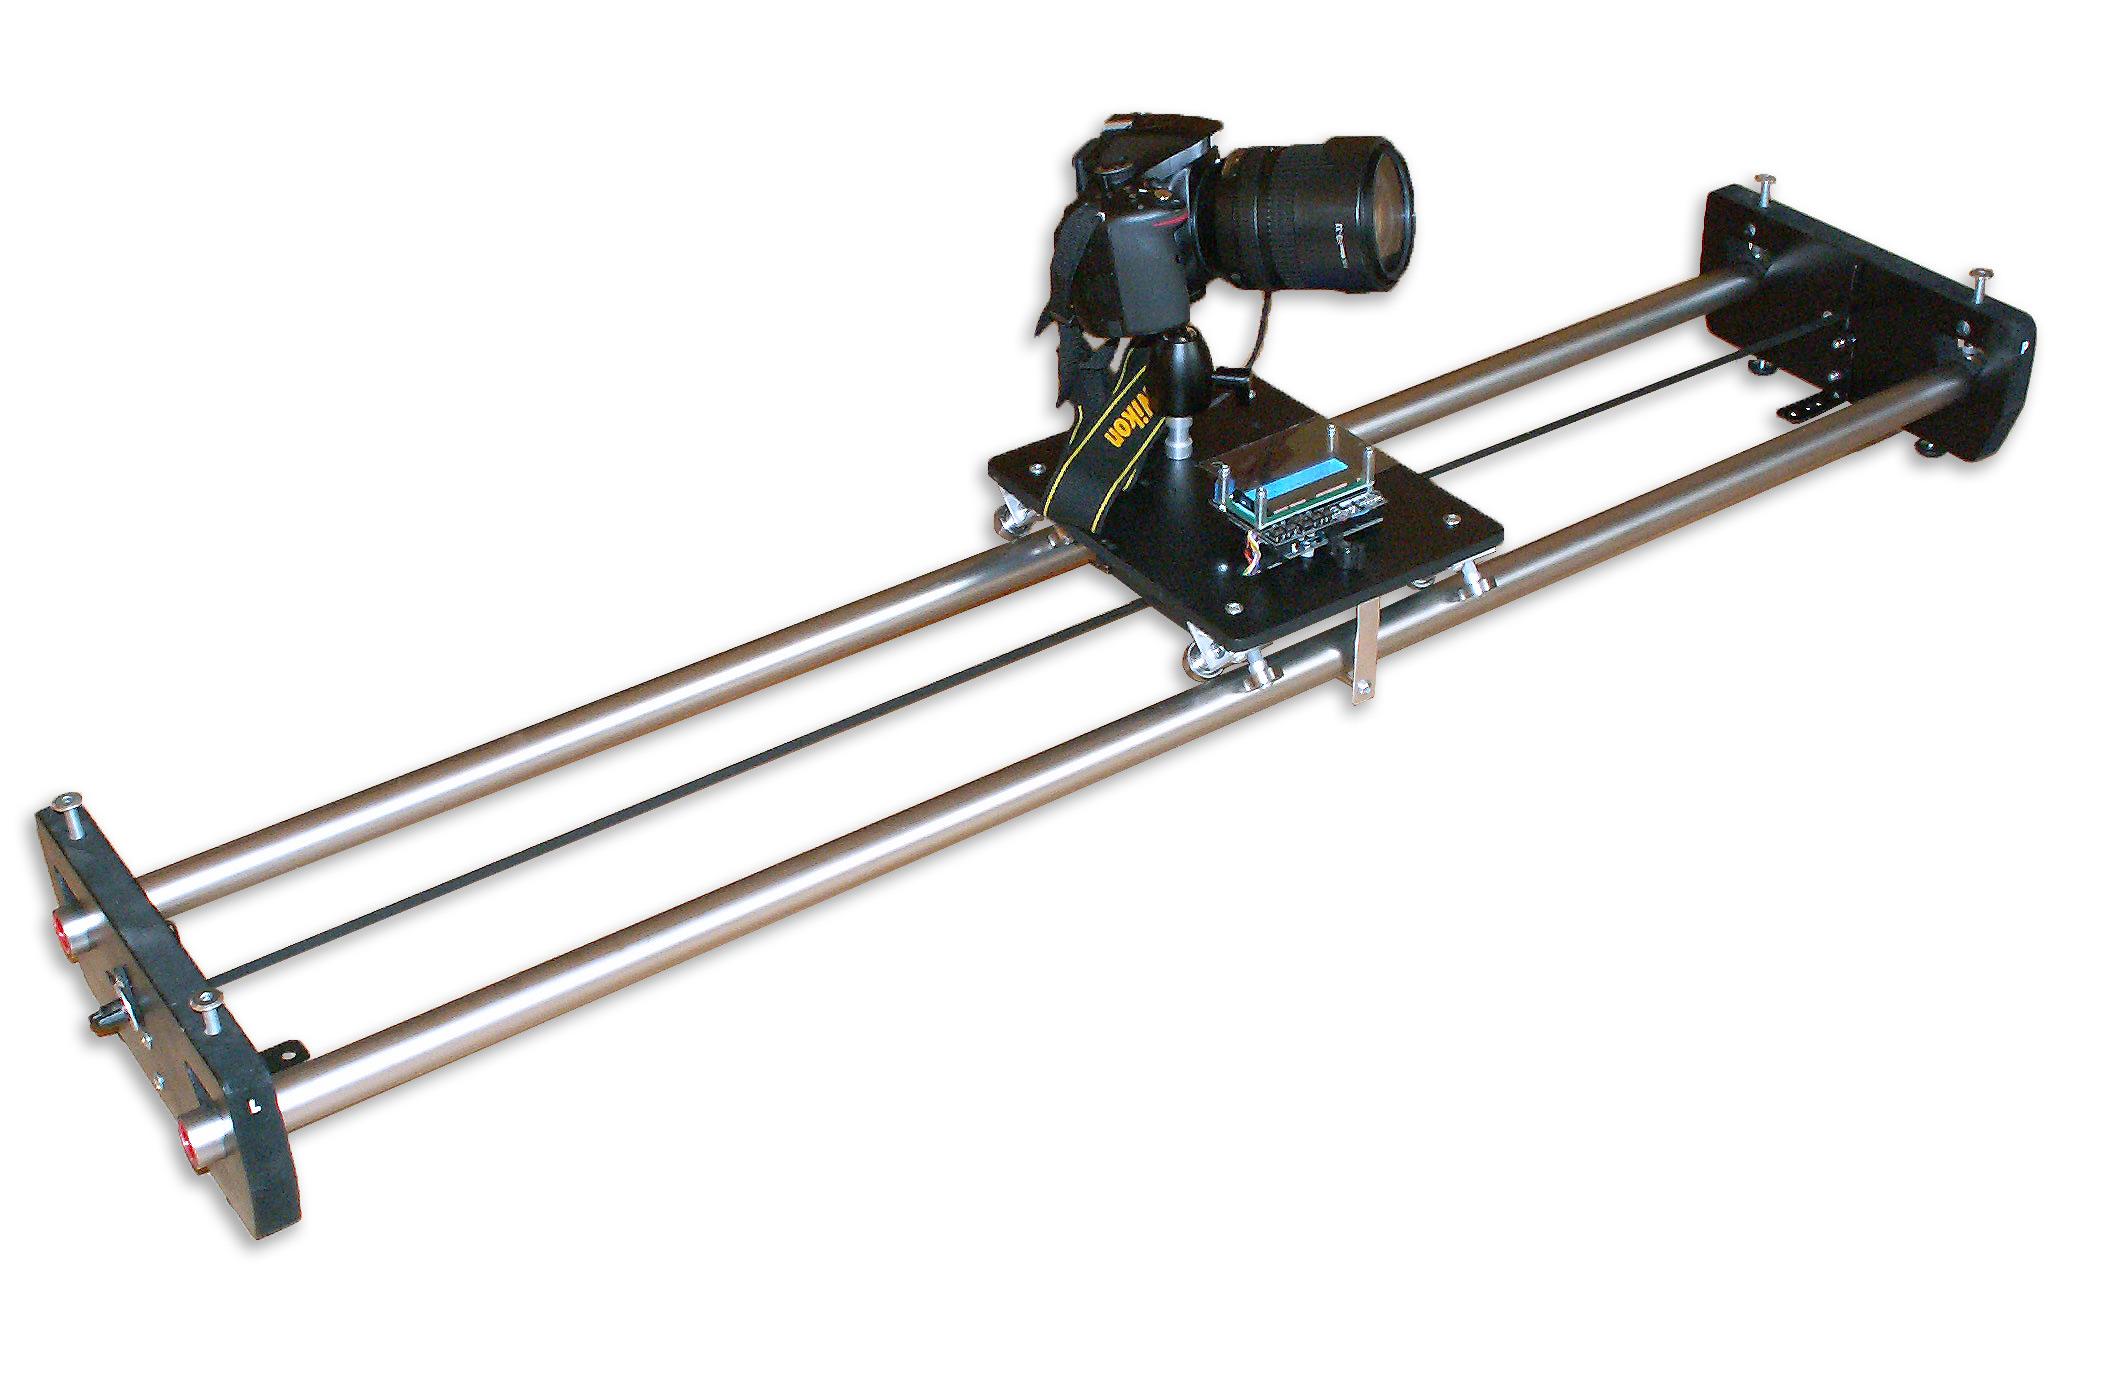 Motorizovany TimeLapse slider & dolly & rail, časozberné video a fotografia, DIY project based on Arduino